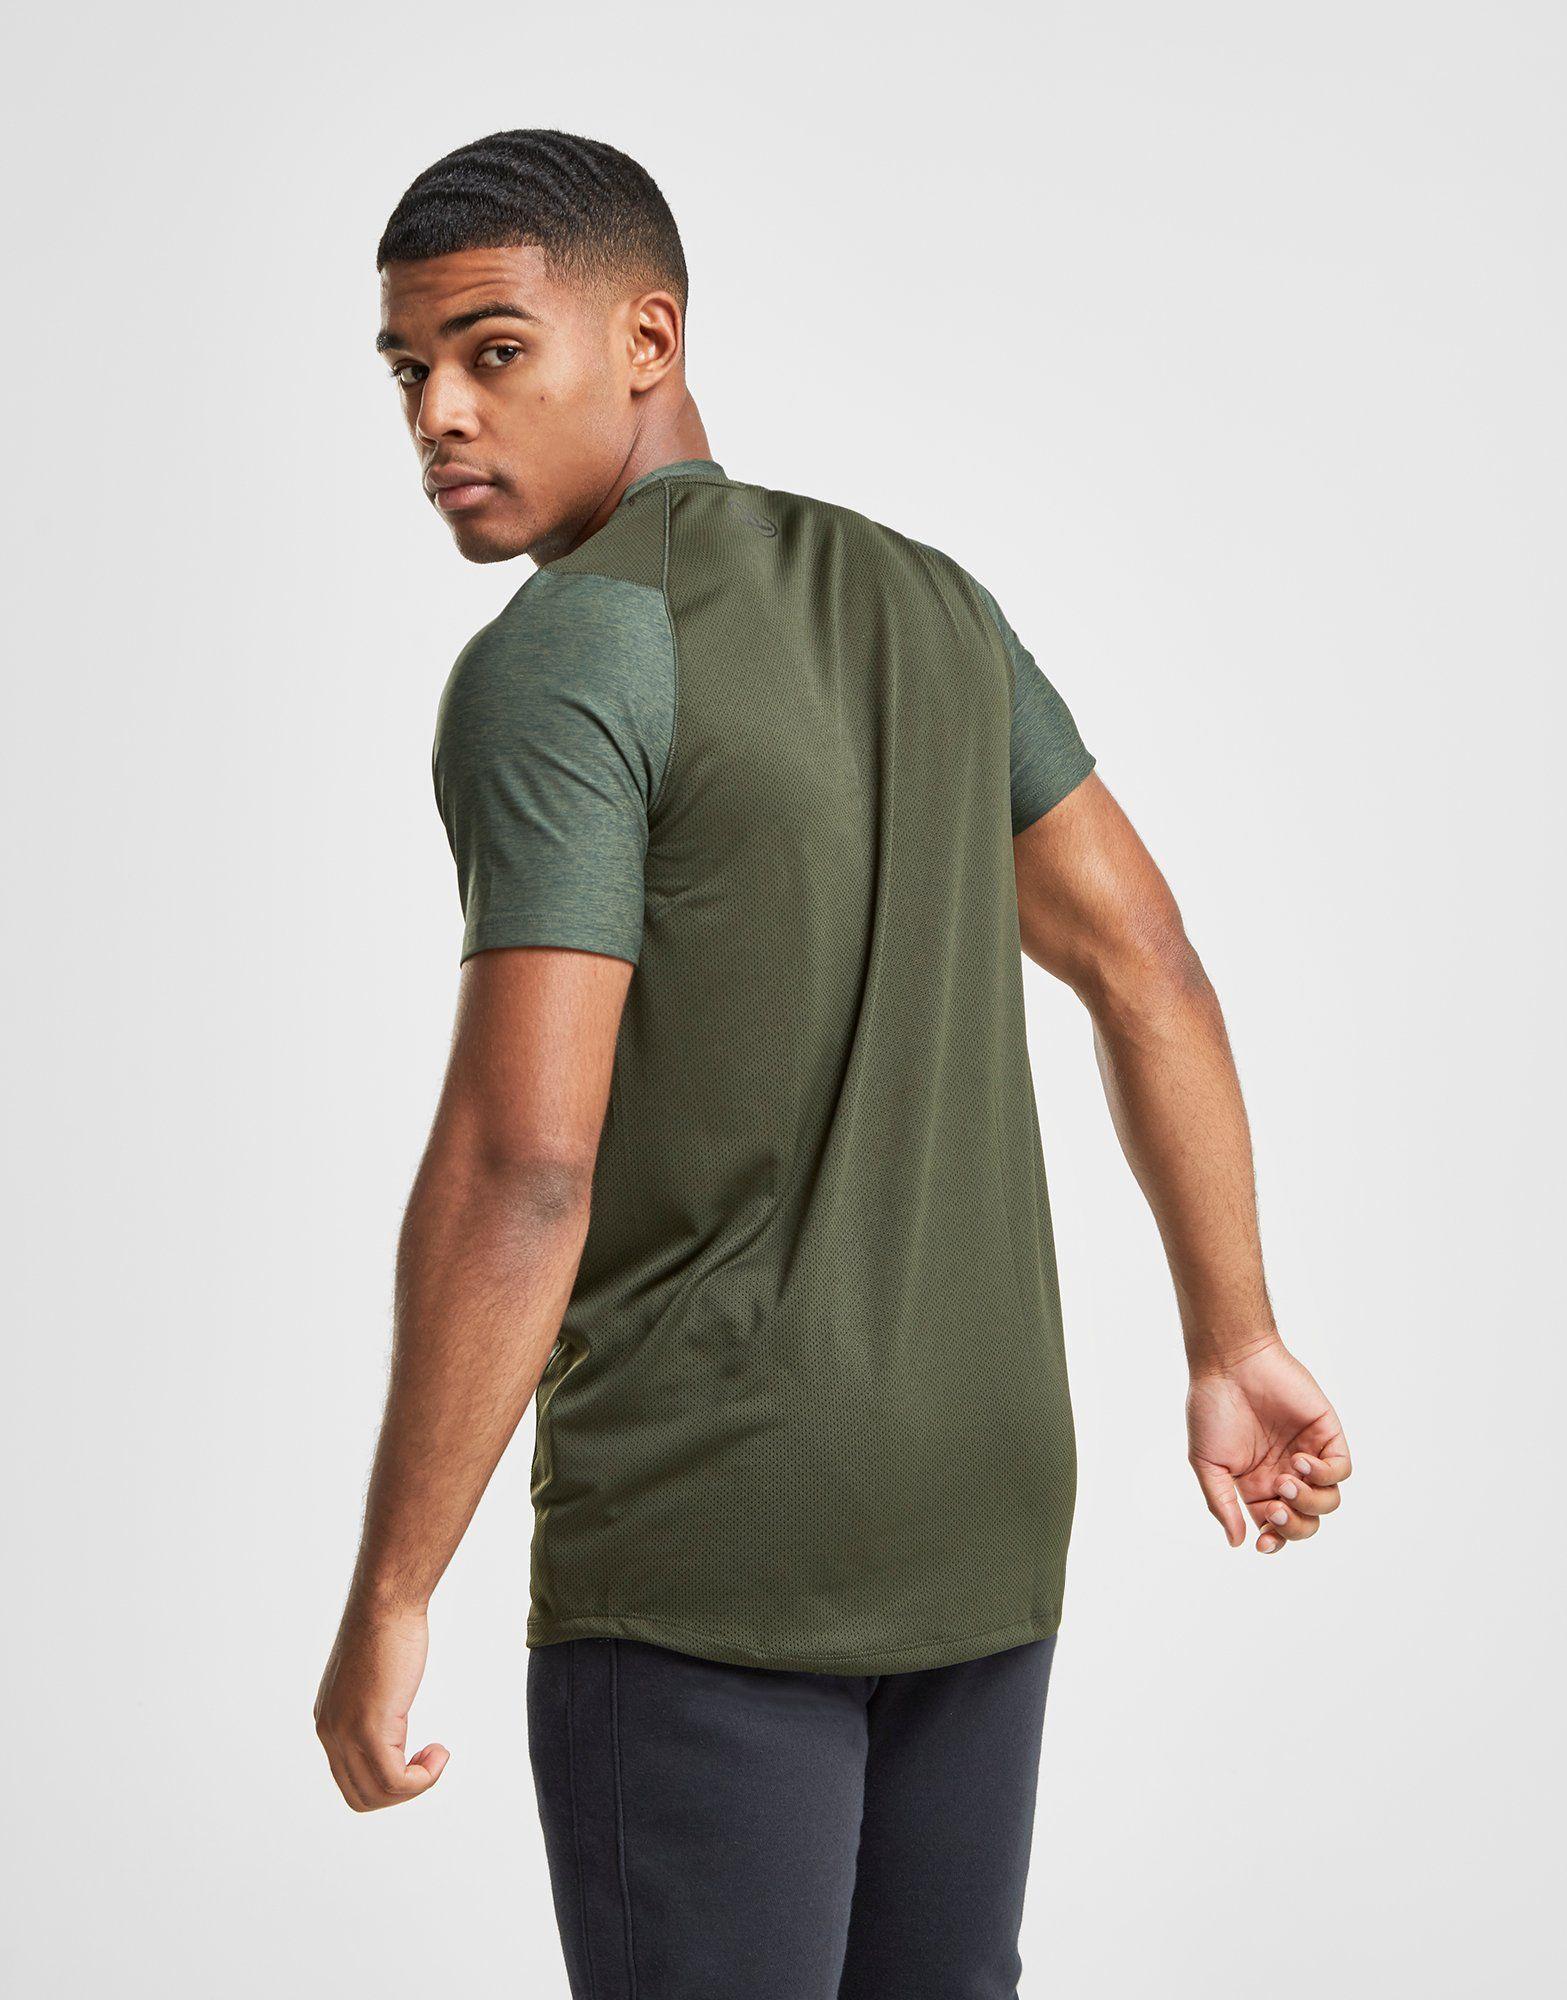 Under Armour MK-1 Twist T-Shirt